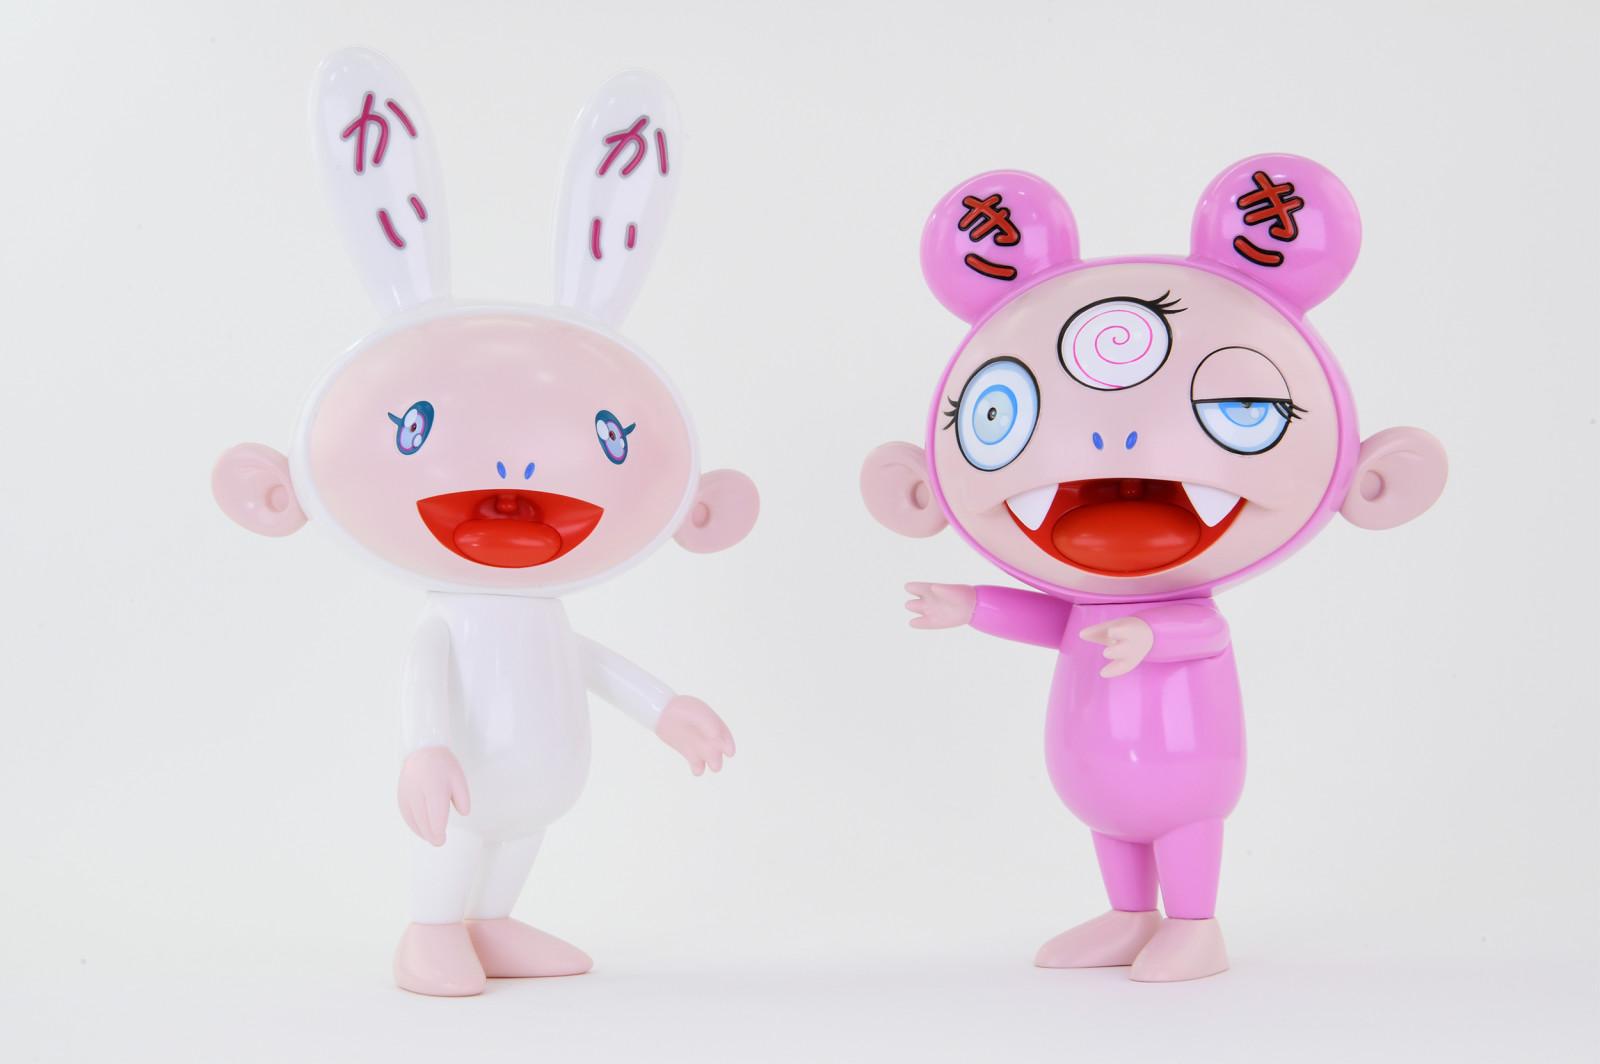 Kaikai & Kiki Set (blue Eyes) by Takashi Murakami